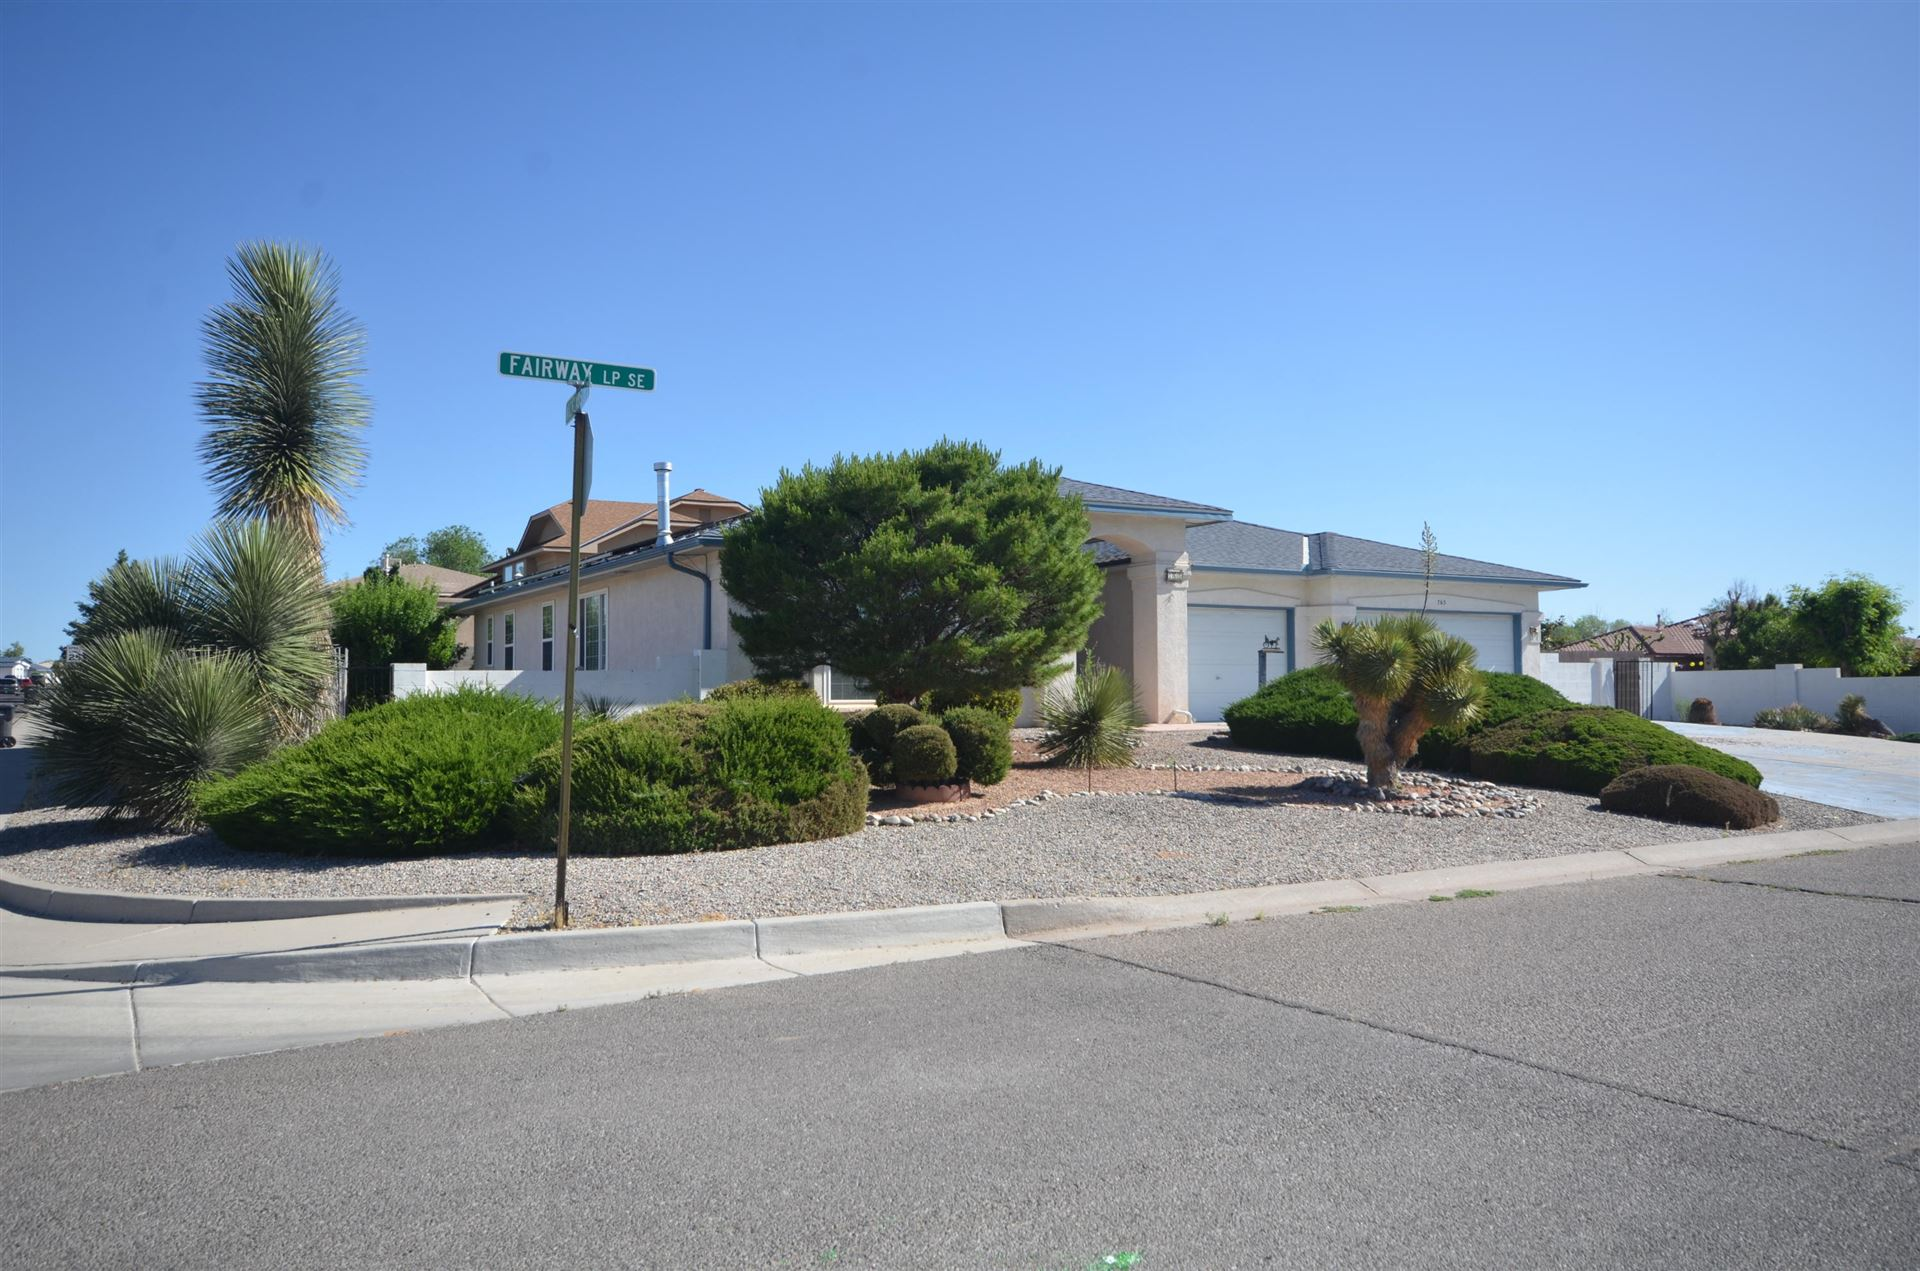 Photo of 765 Fairway Loop SE, Rio Rancho, NM 87124 (MLS # 971697)